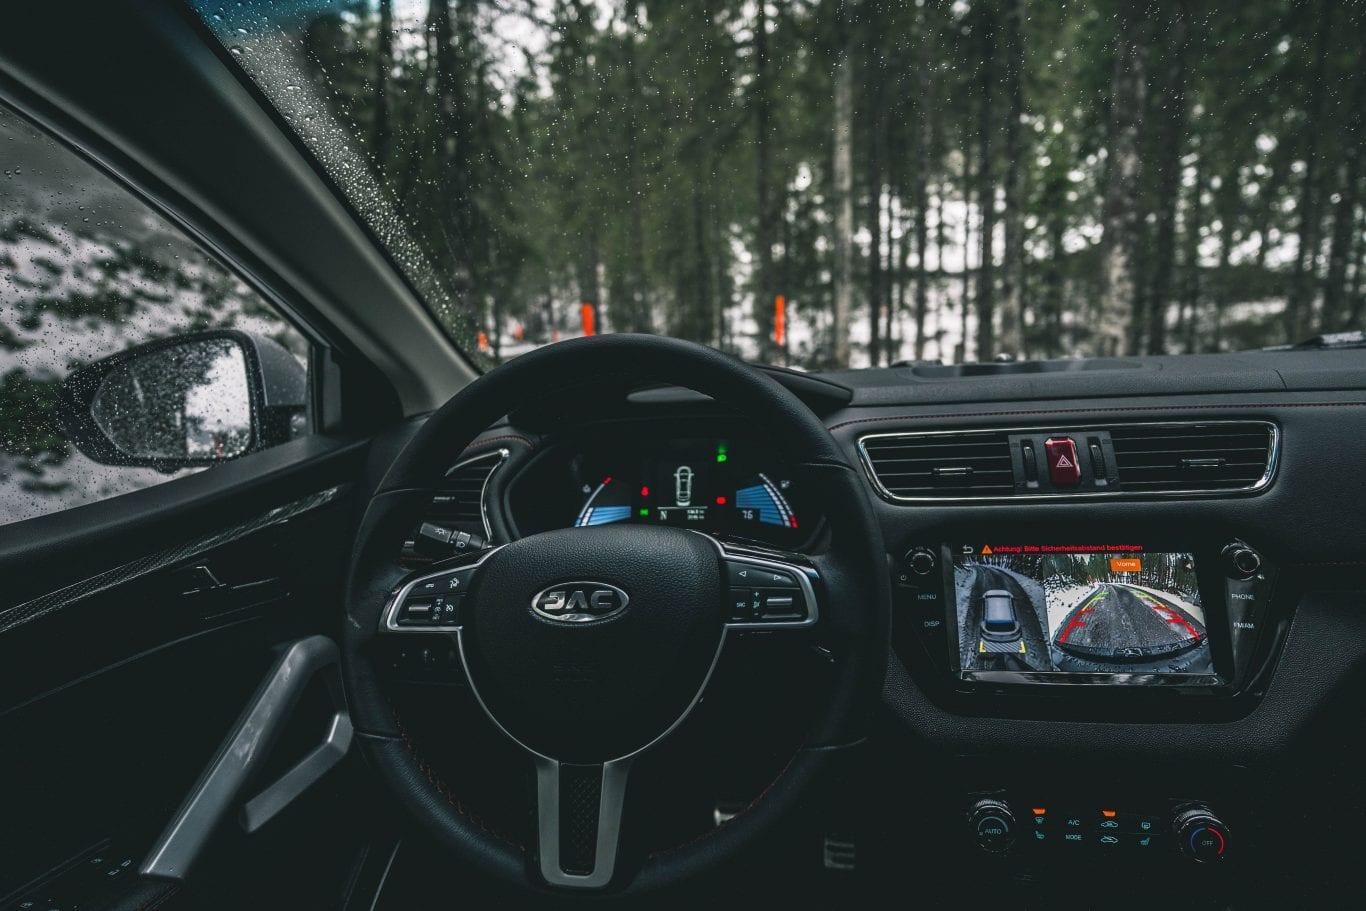 Emissionsfreie Mobilität für alle - Auto Kunz AG 4